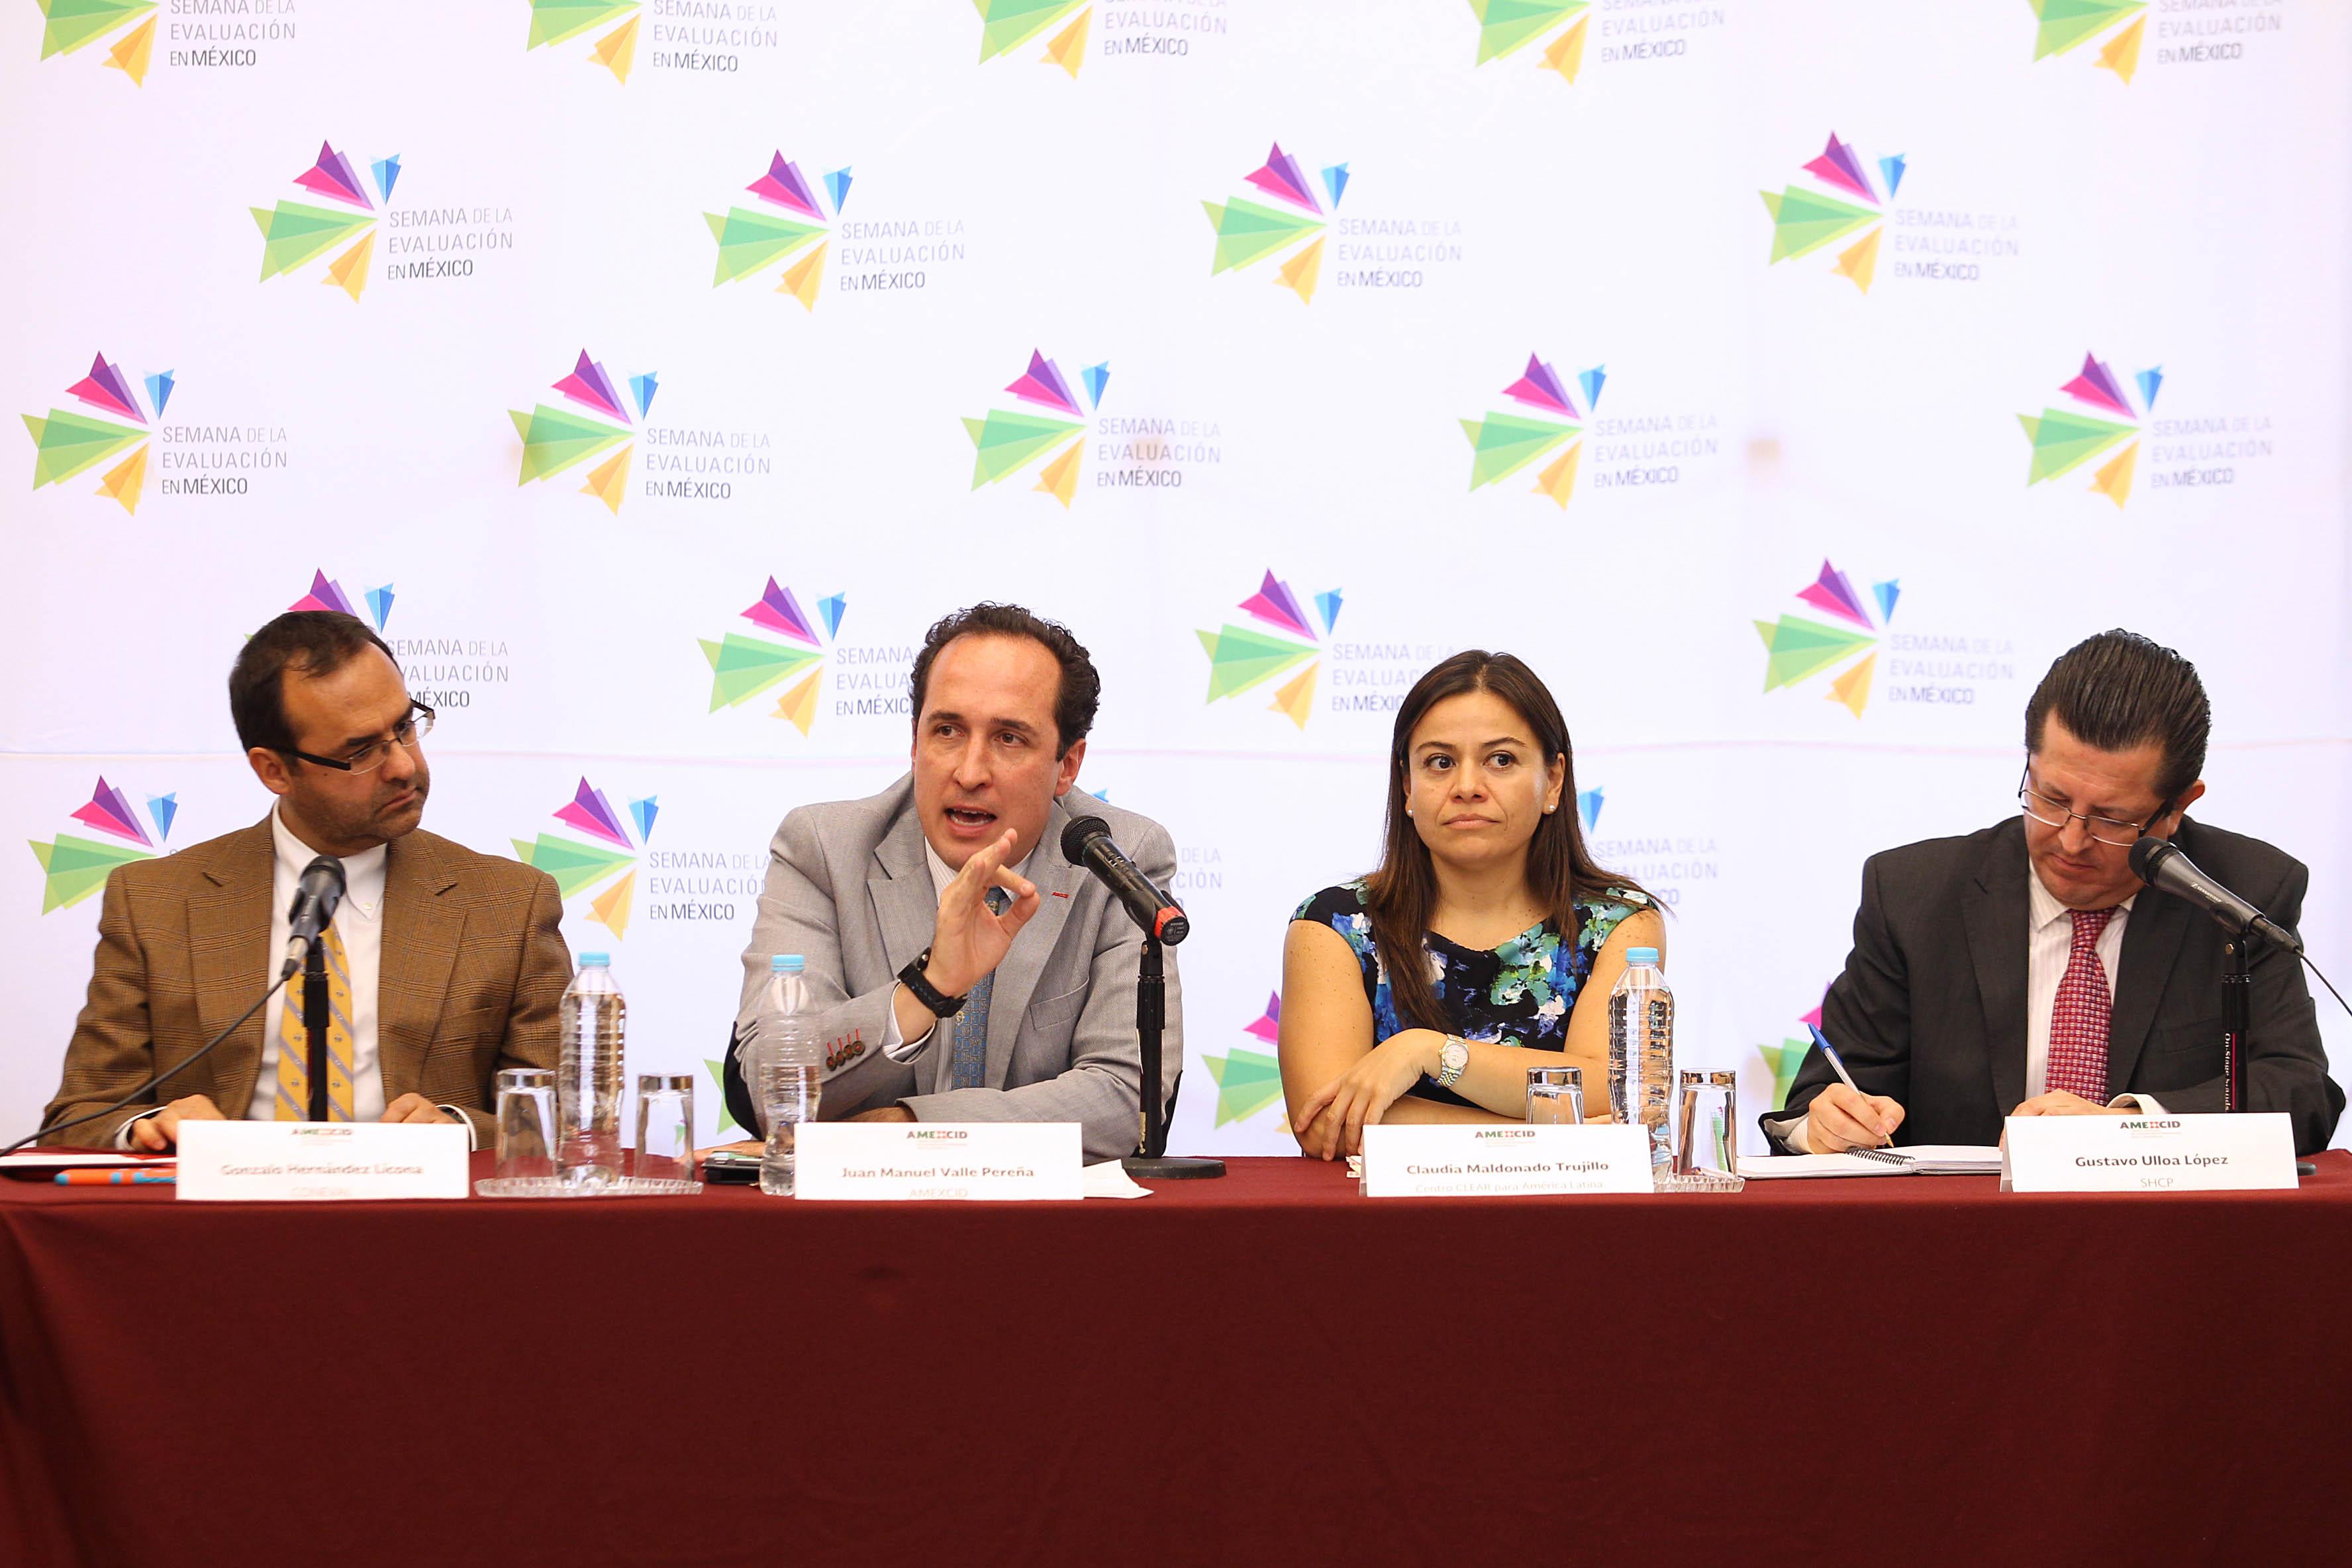 FOTO 3 Juan Manuel Valle Pere a  director ejecutivo de AMEXCID  en la conferencia de prensa de la Semana de la Evaluaci n en M xico 2015jpg